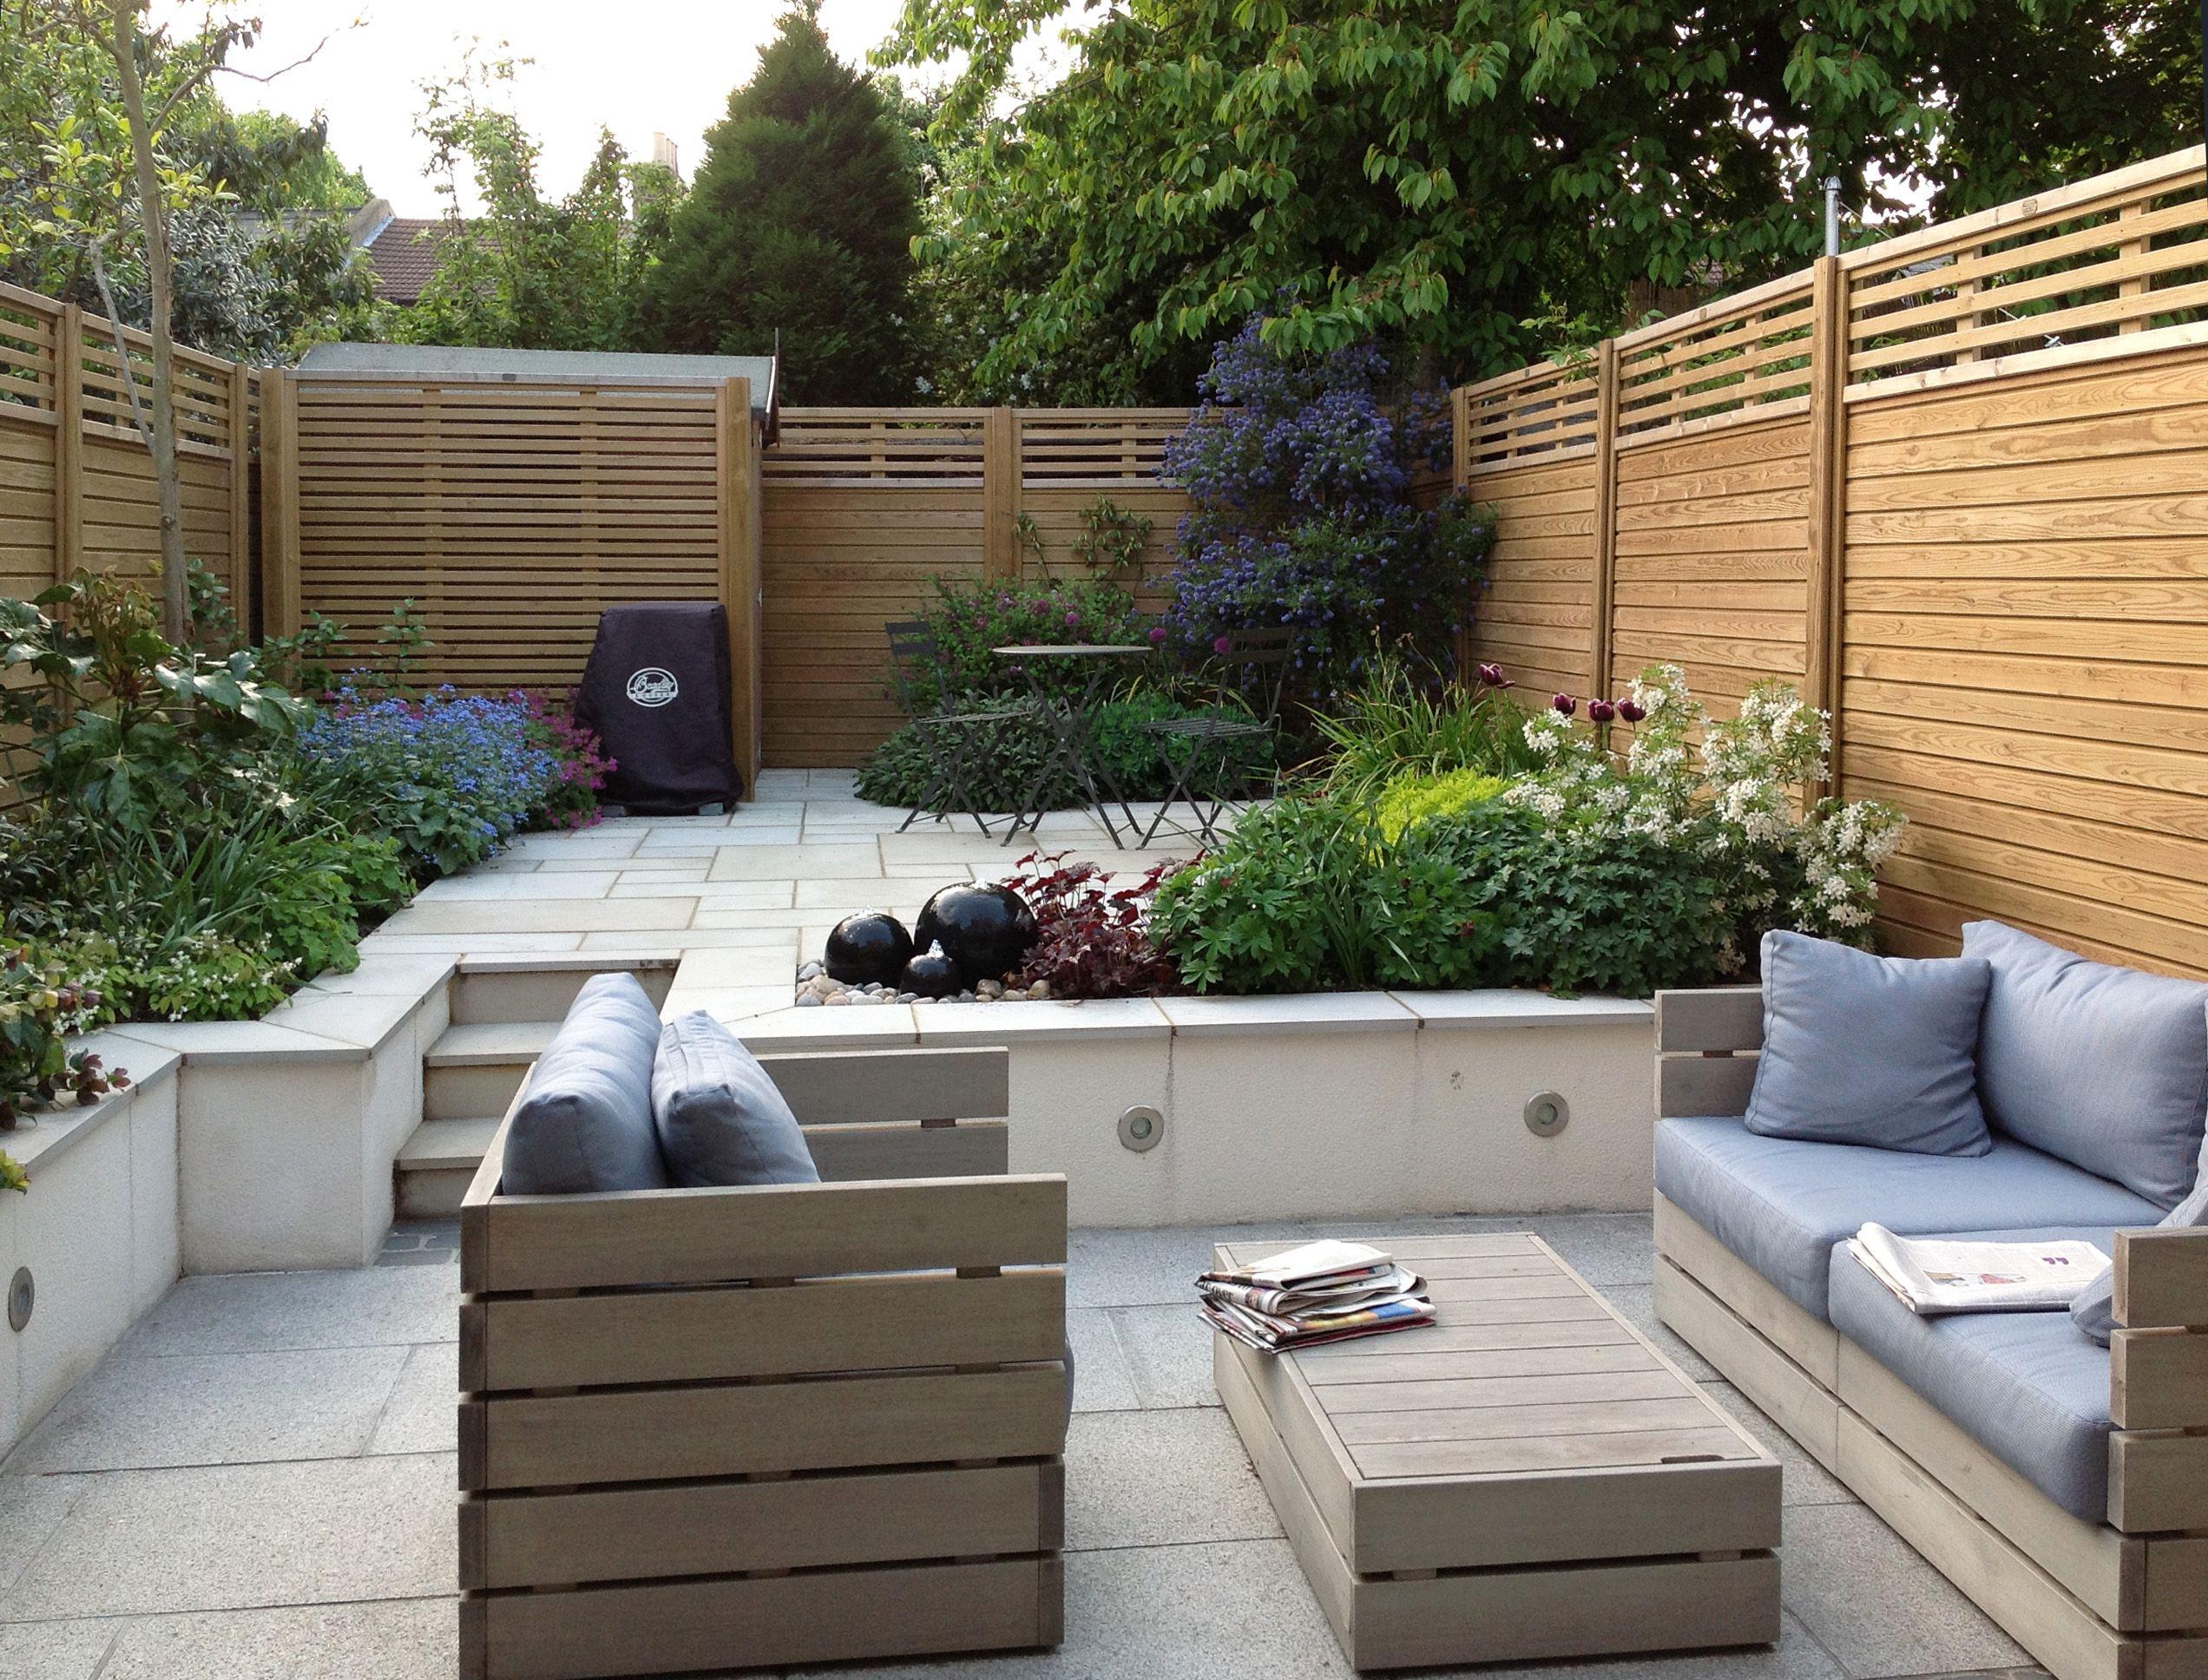 Peckham garden redesign by Tim Mackley featuring ...